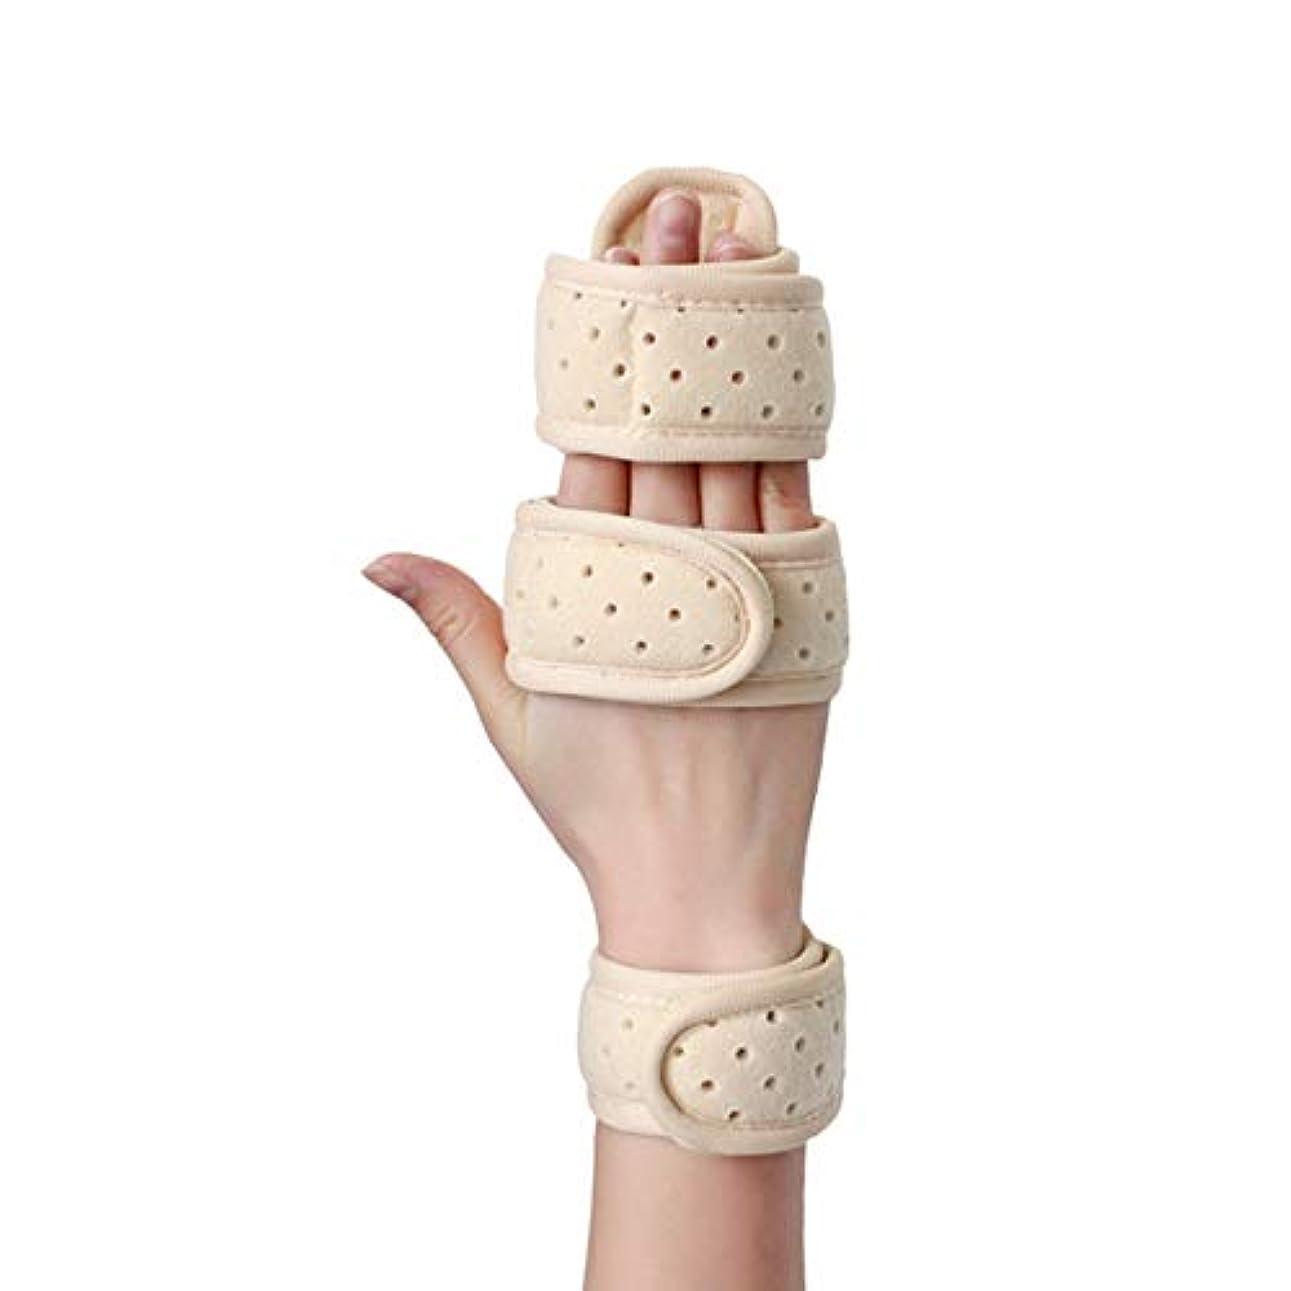 ギャップ洗練された信じる手首装具、医療用リストバンド、関節炎および腱炎用の快適で調整可能な手首支持装具、痛みを軽減する手首圧迫ラップ